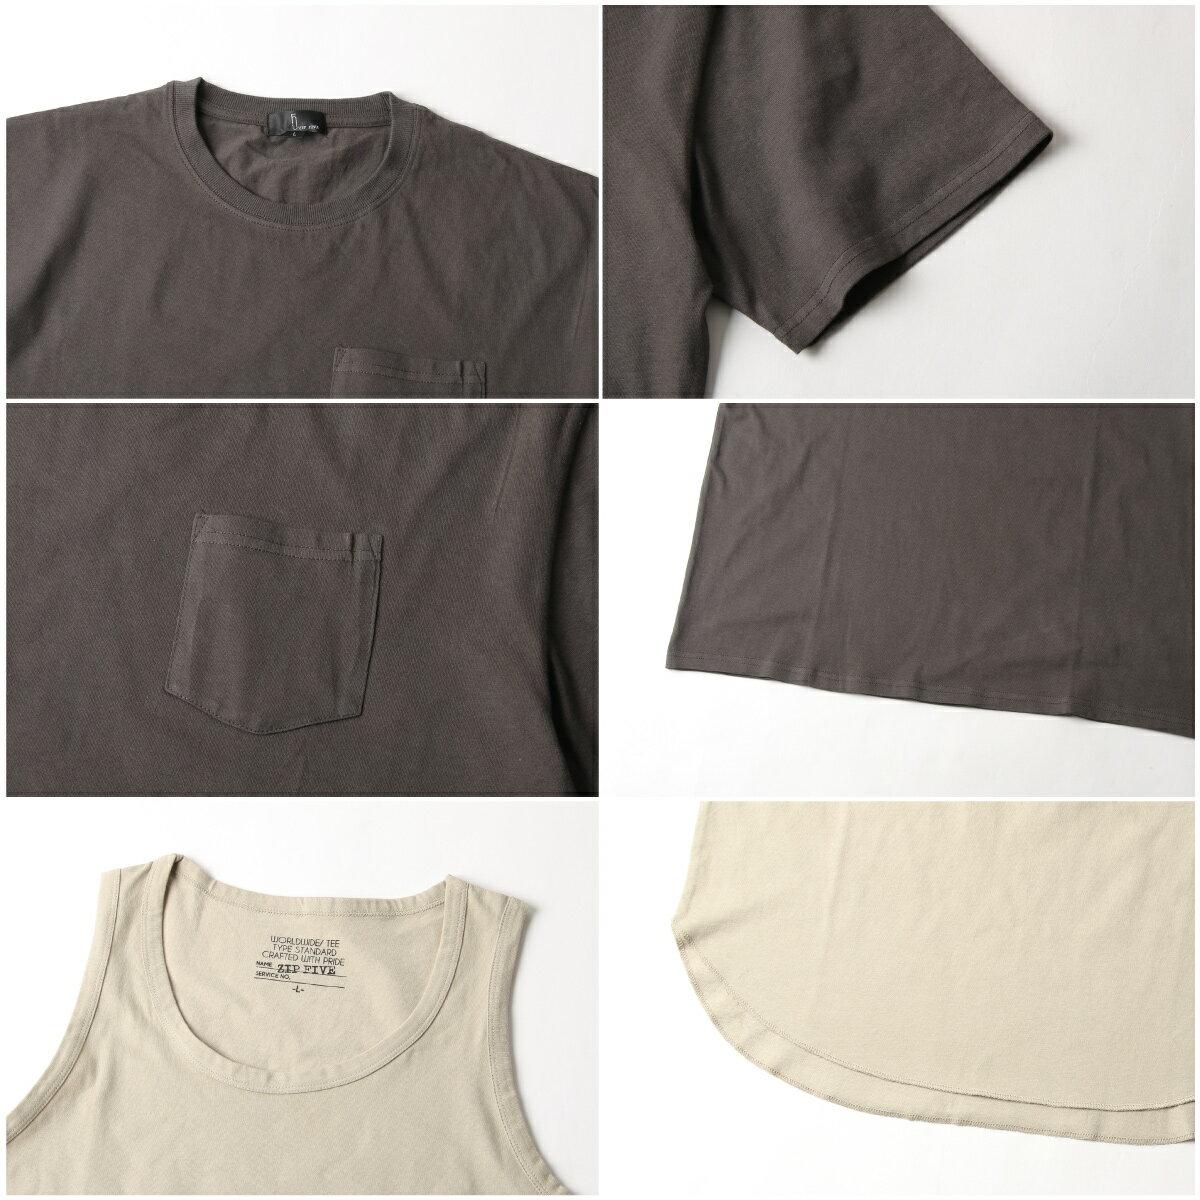 【New】五分袖T恤&長版坦克背心 兩件組 3